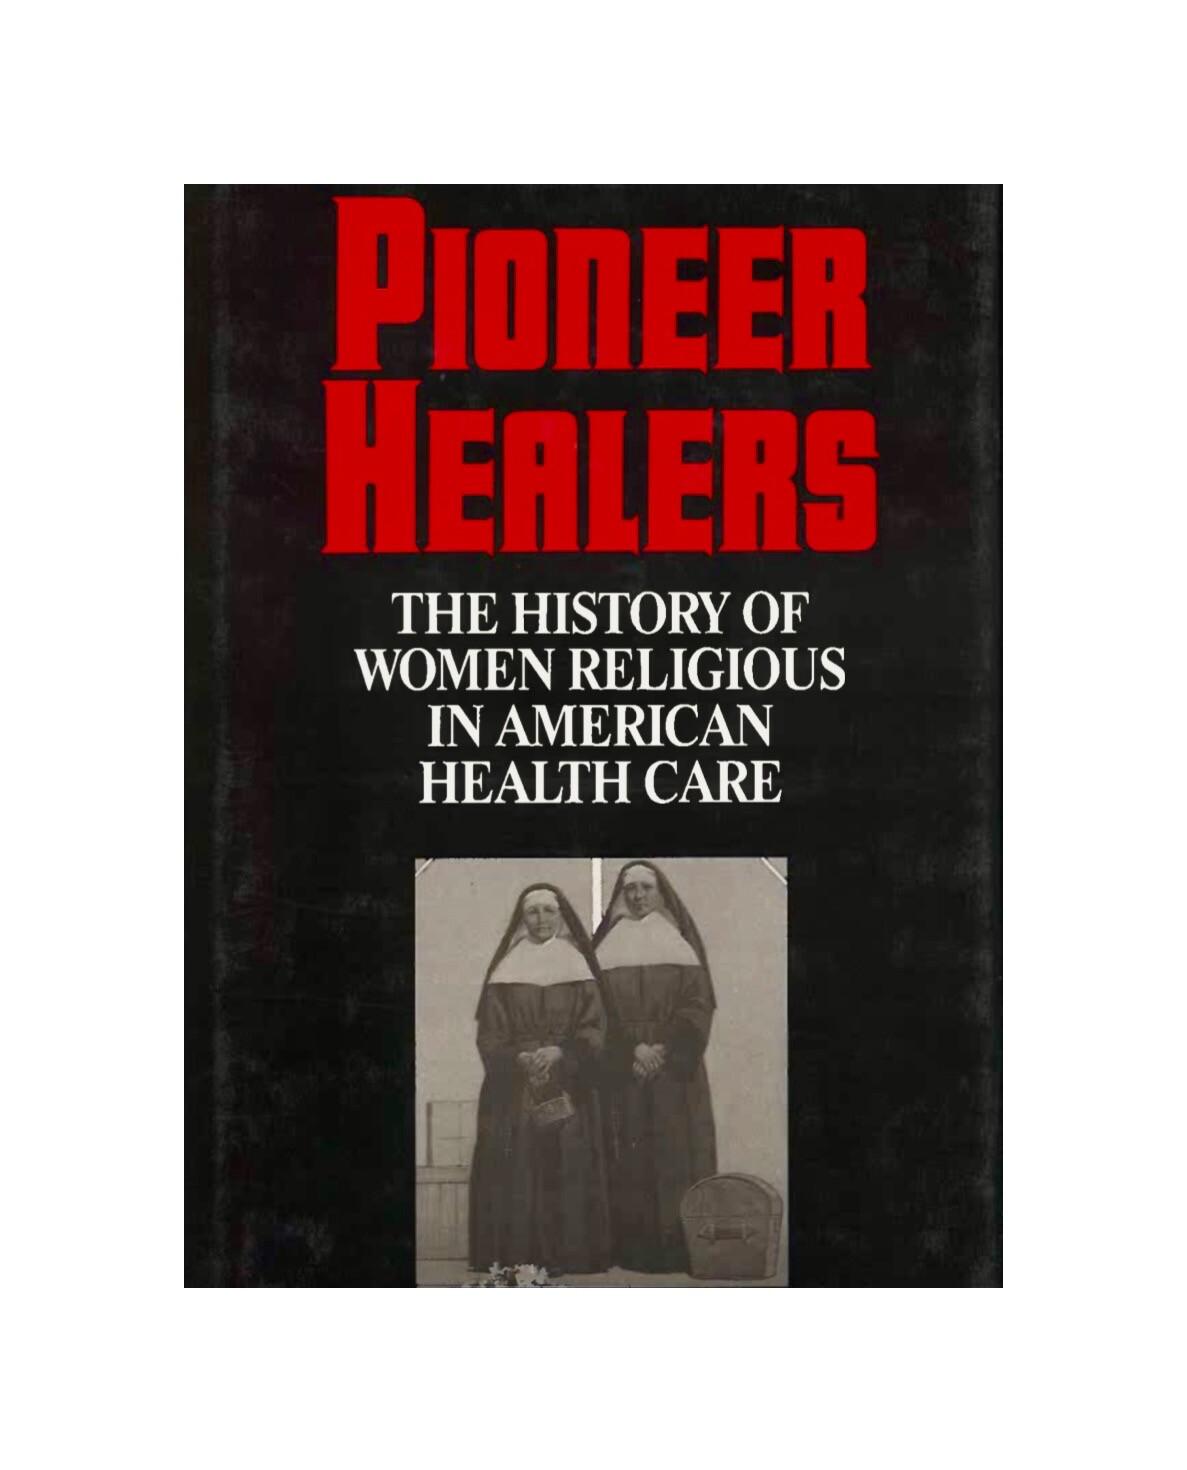 Pioneer Healers Book